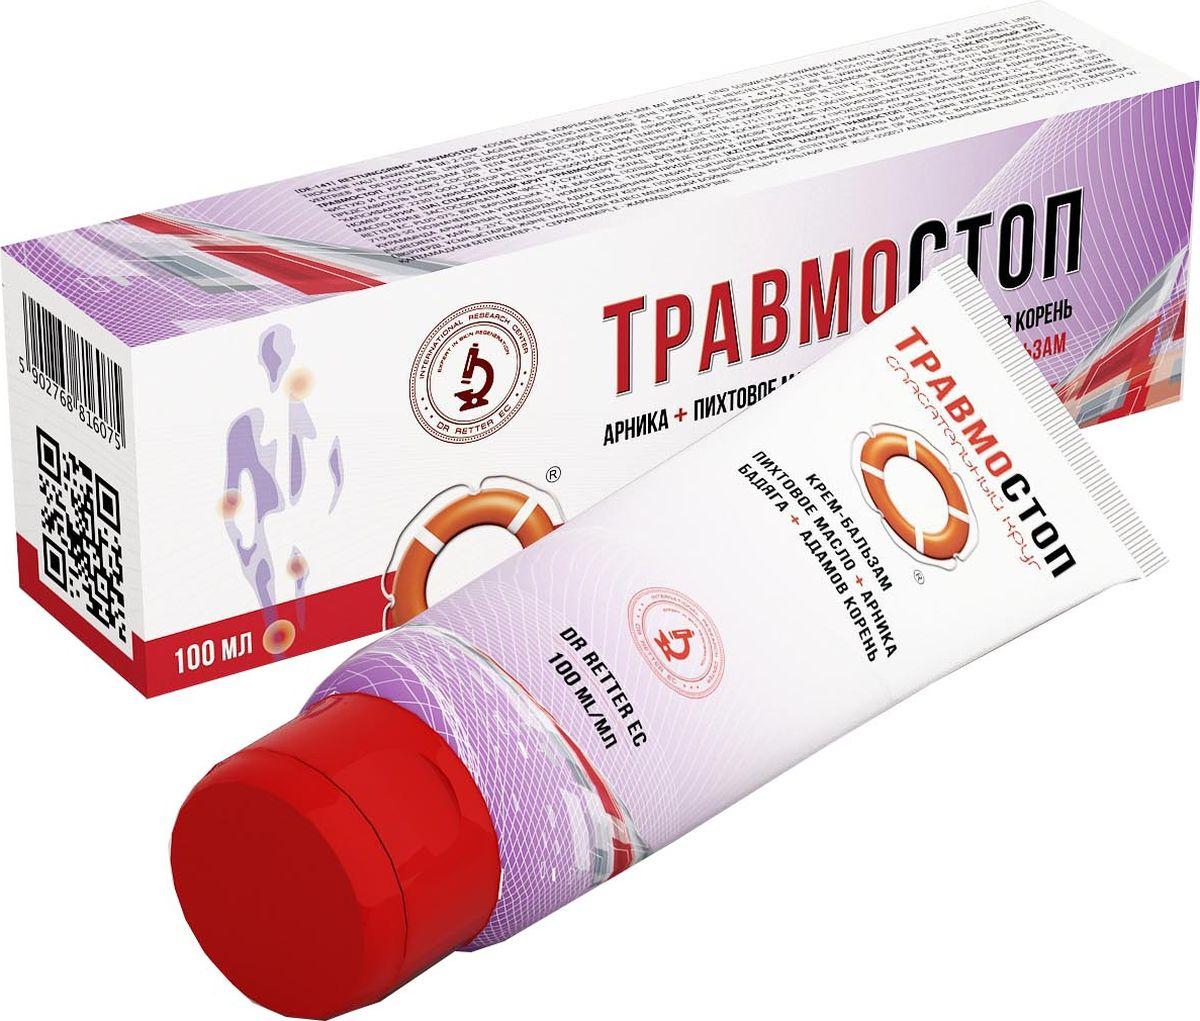 Спасательный круг Крем-бальзам Травмостоп (Арника + Пихтовое масло + Бадяга + Адамов корень), 100 мл122Натуральные экстракты, входящие в состав крема-бальзама, способствуют эффективному восстановлению кожного покрова, улучшению кровообращения и питания тканей. Крем-бальзам рекомендован при ушибах, растяжениях и синяках, поскольку оказывает регенерирующее и тонизирующее действие, ускоряет заживление тканей.